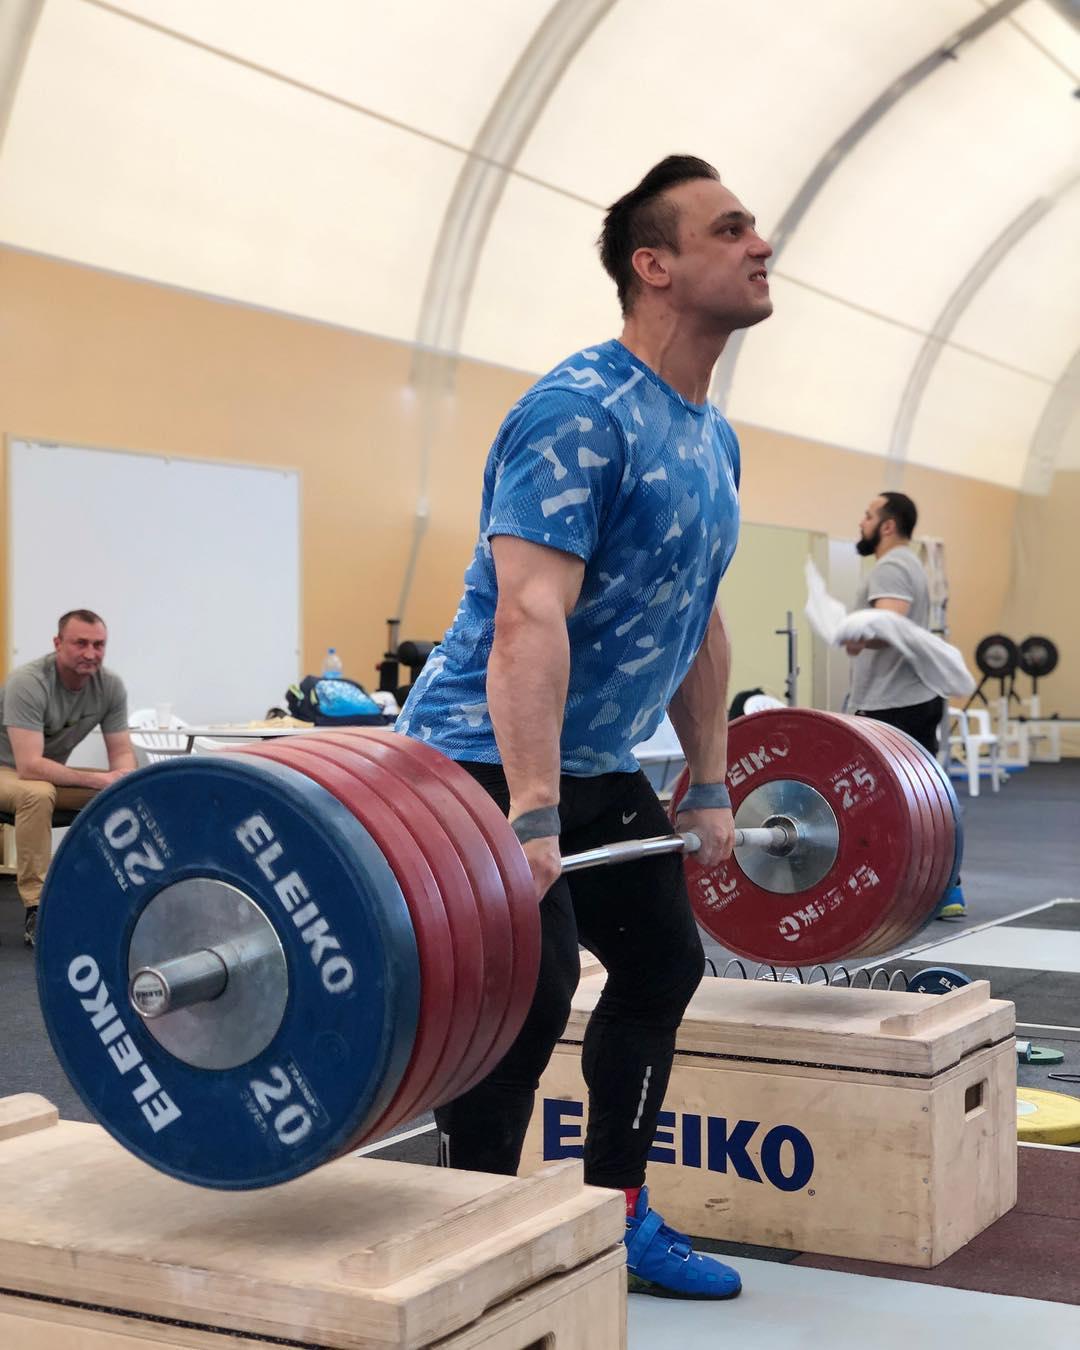 Kazakh weightlifter Ilya Ilyin talks about his training